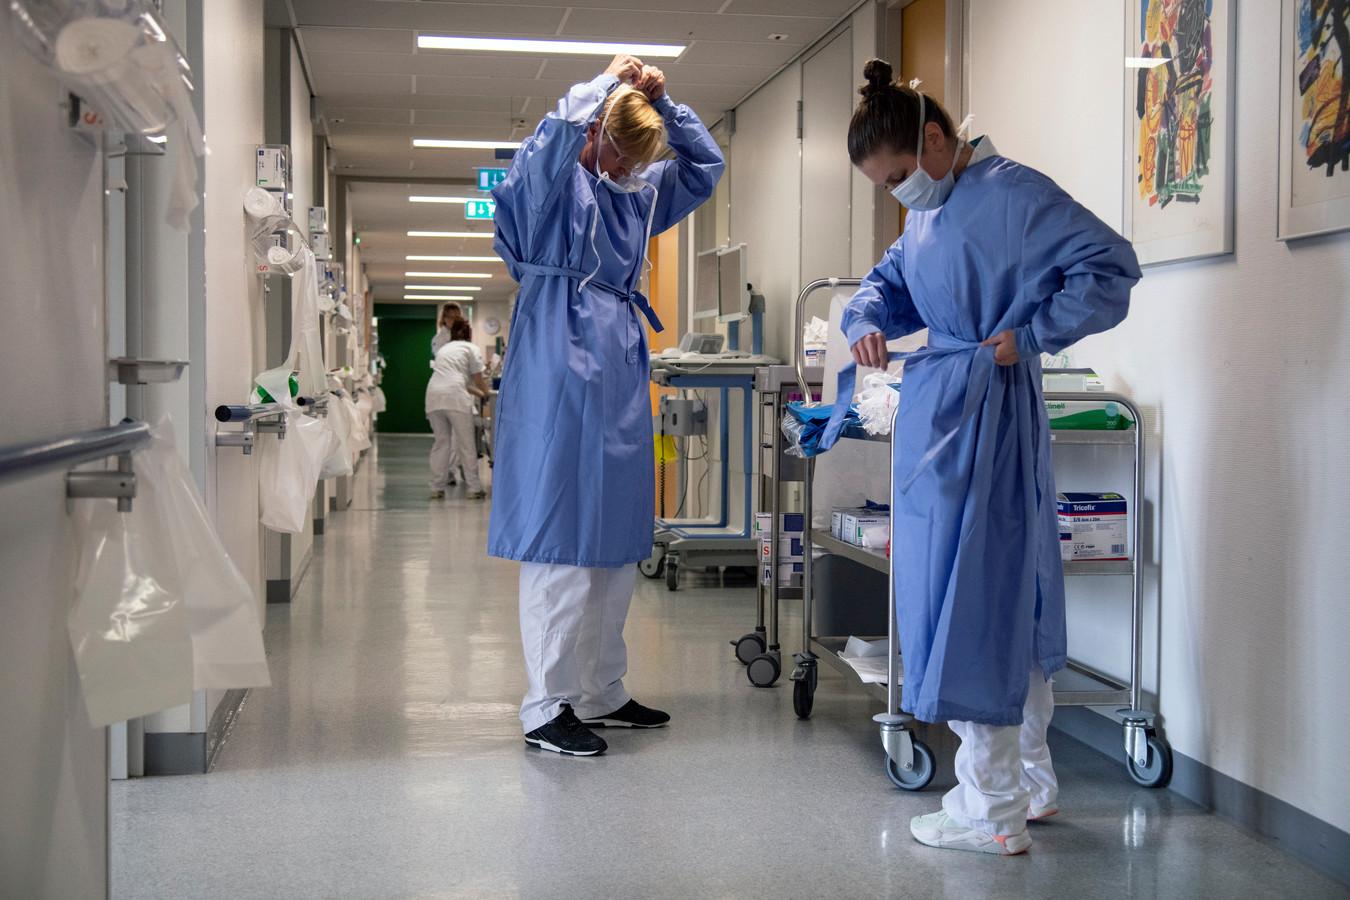 Verpleegkundigen van het CWZ trekken beschermende kleren aan.